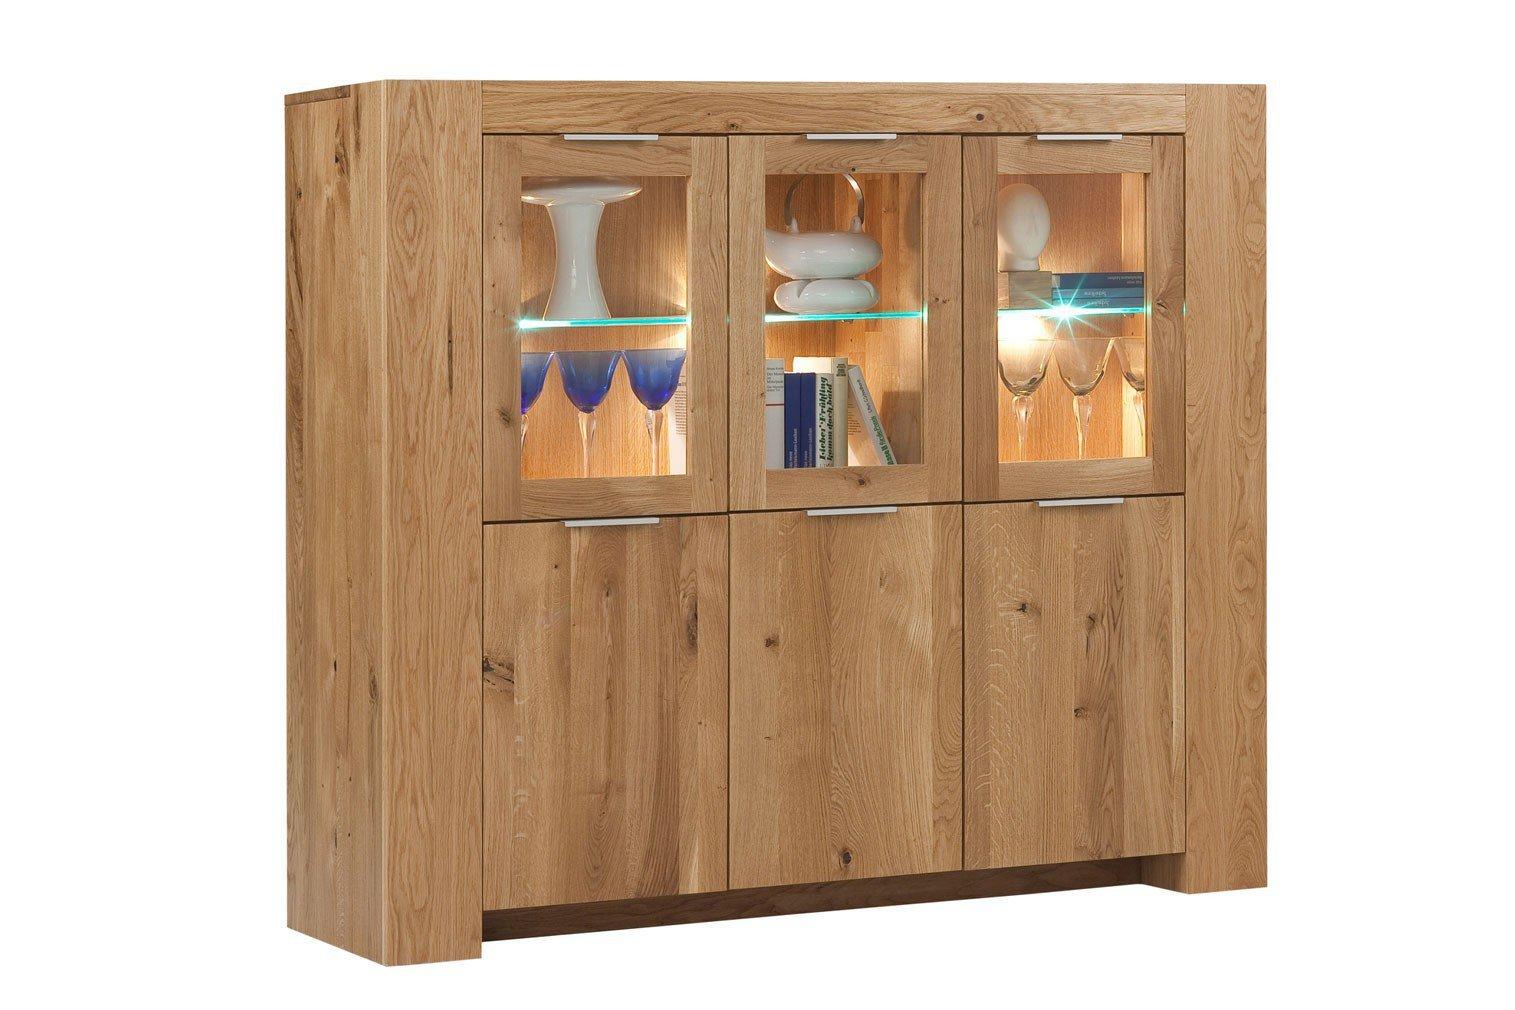 henke m bel highboard boston wildeiche natur m bel letz ihr online shop. Black Bedroom Furniture Sets. Home Design Ideas